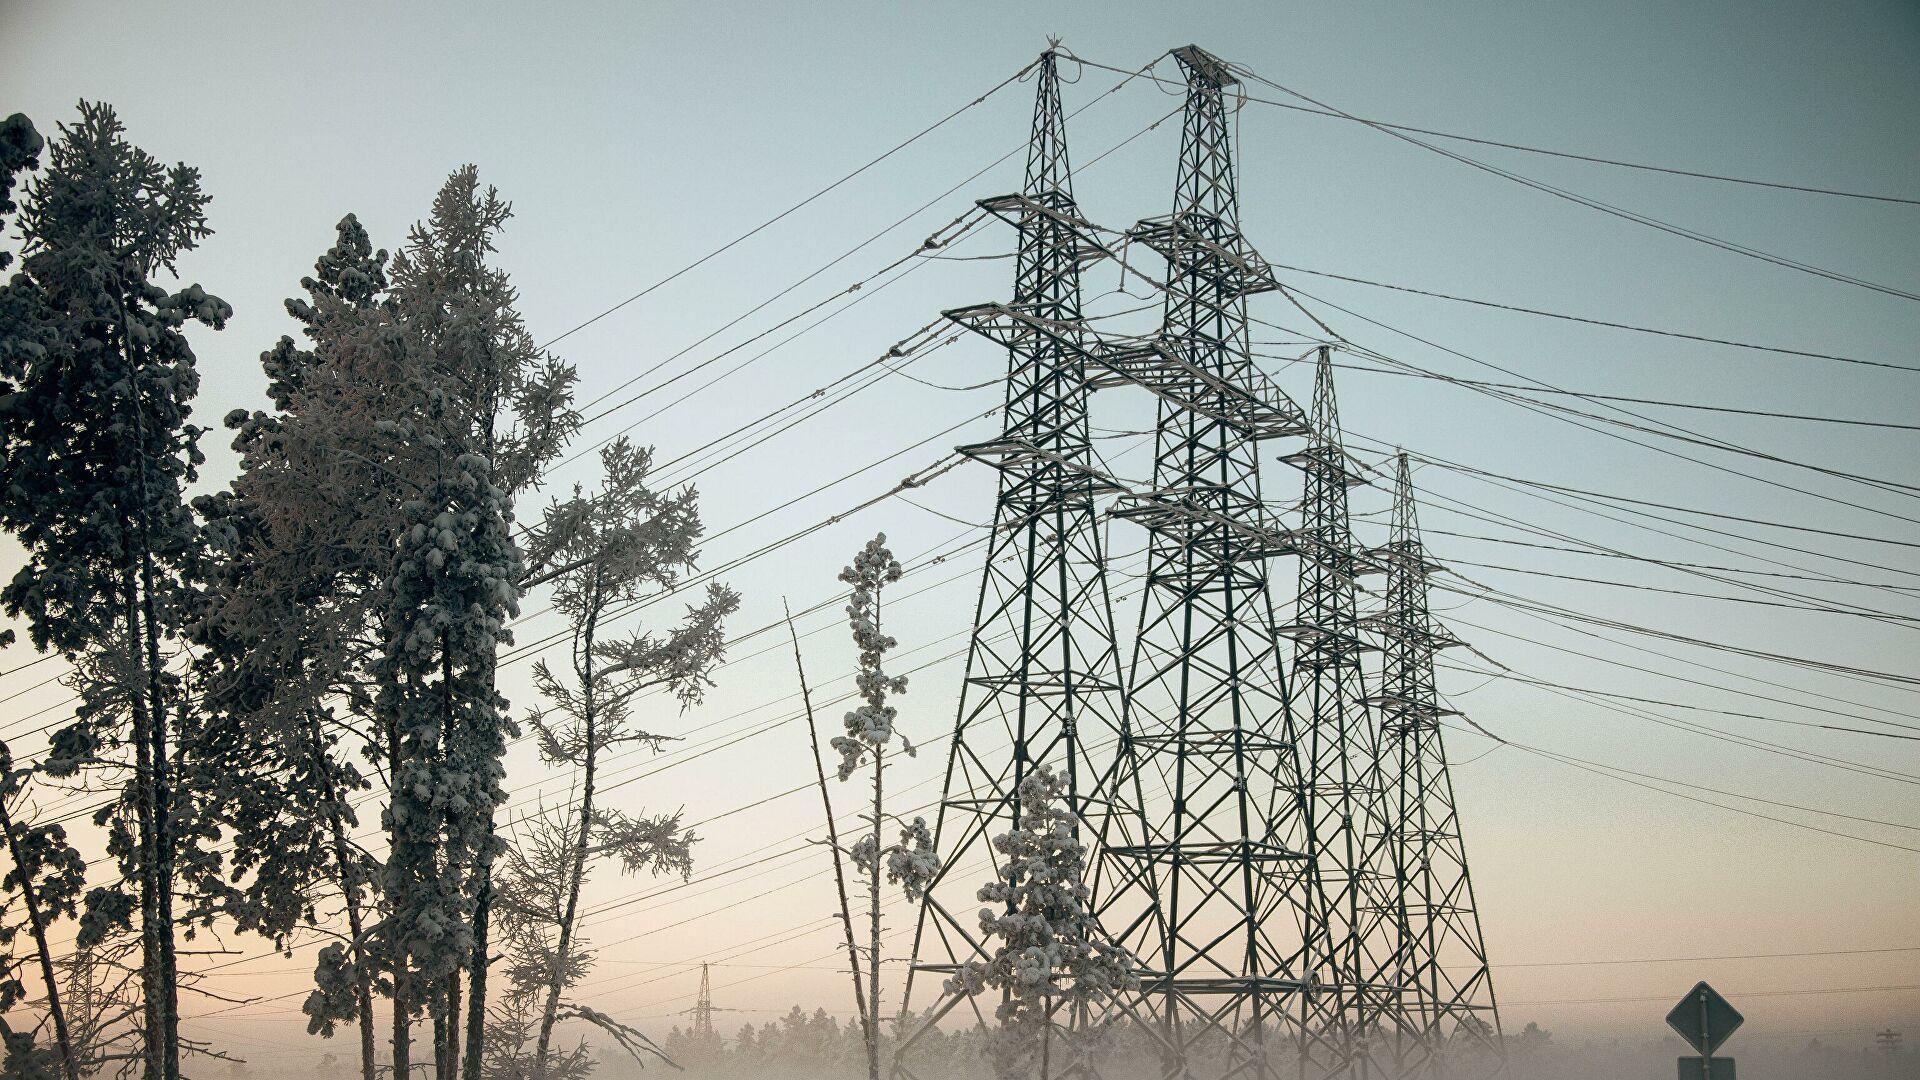 Украјина неће одустати од увоза електричне енергије из Русије до краја грејне сезоне